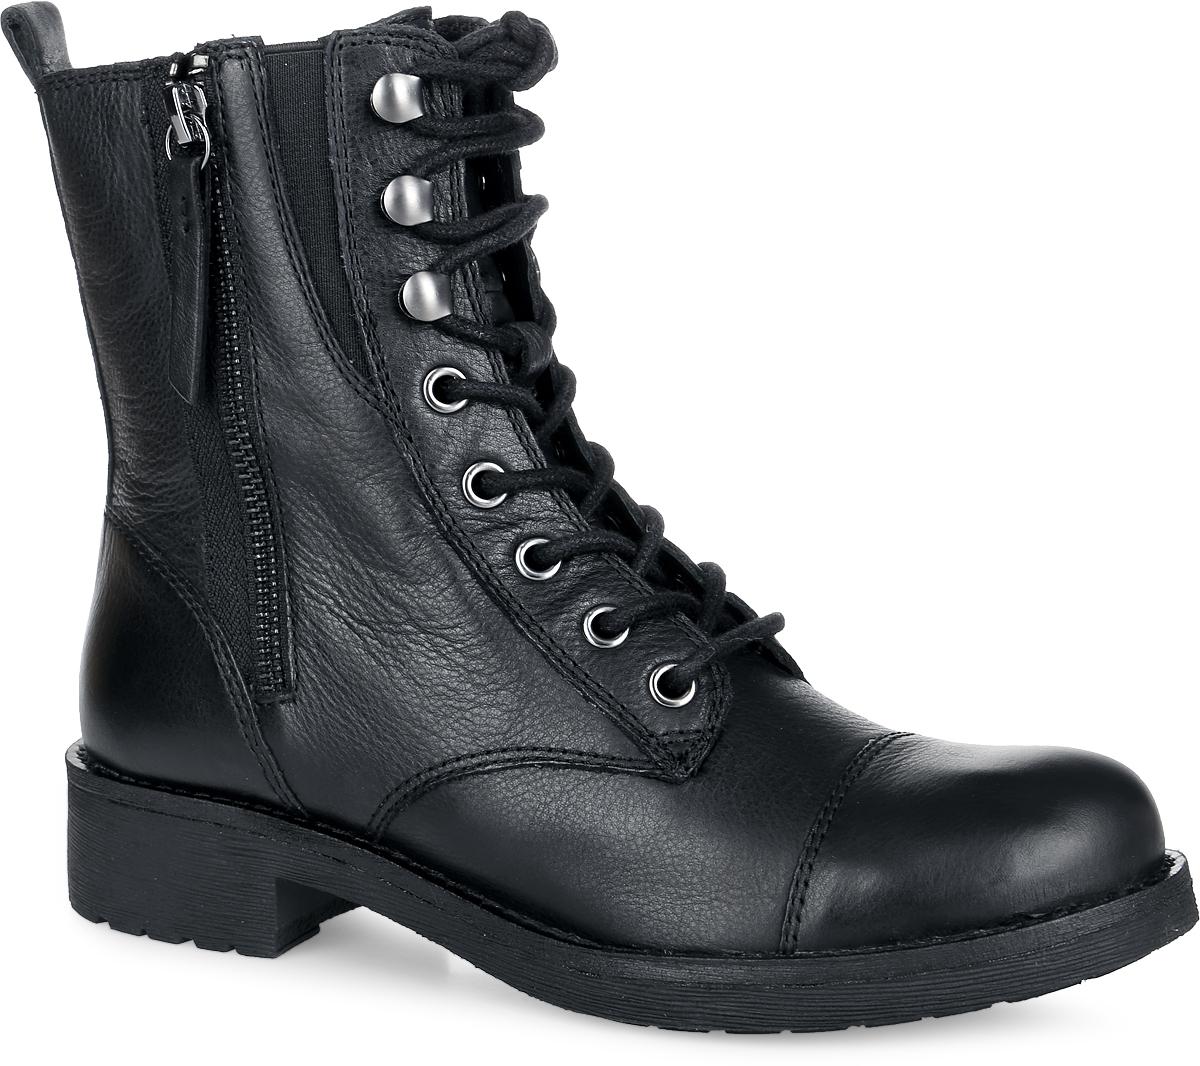 D5451A-00085-C9999Оригинальные высокие женские ботинки от Geox заинтересуют вас своим дизайном с первого взгляда! Модель выполнена из натуральной кожи, оформлена прострочкой и декоративной молнией на одной из боковых сторон. Вдоль ранта ботинки дополнены крупной прострочкой. Эластичная вставка обеспечивает идеальную посадку модели на ноге. Боковая застежка-молния позволяет легко обувать и снимать ботинки, а функциональная шнуровка обеспечивает идеальную фиксацию обуви. Ярлычок на заднике облегчает обувание модели. Подкладка из текстиля и стелька частично из натуральной кожи защитят ноги от холода и обеспечат комфорт. Перфорированная подошва выполнена по инновационной системе Respira, которая способствует потовыведению, создавая идеальный микроклимат внутри обуви. Умеренной высоты каблук и подошва с рифленым рисунком обеспечивают отличное сцепление с поверхностью. В этих ботинках вашим ногам будет комфортно и уютно. Они подчеркнут ваш стиль и индивидуальность.